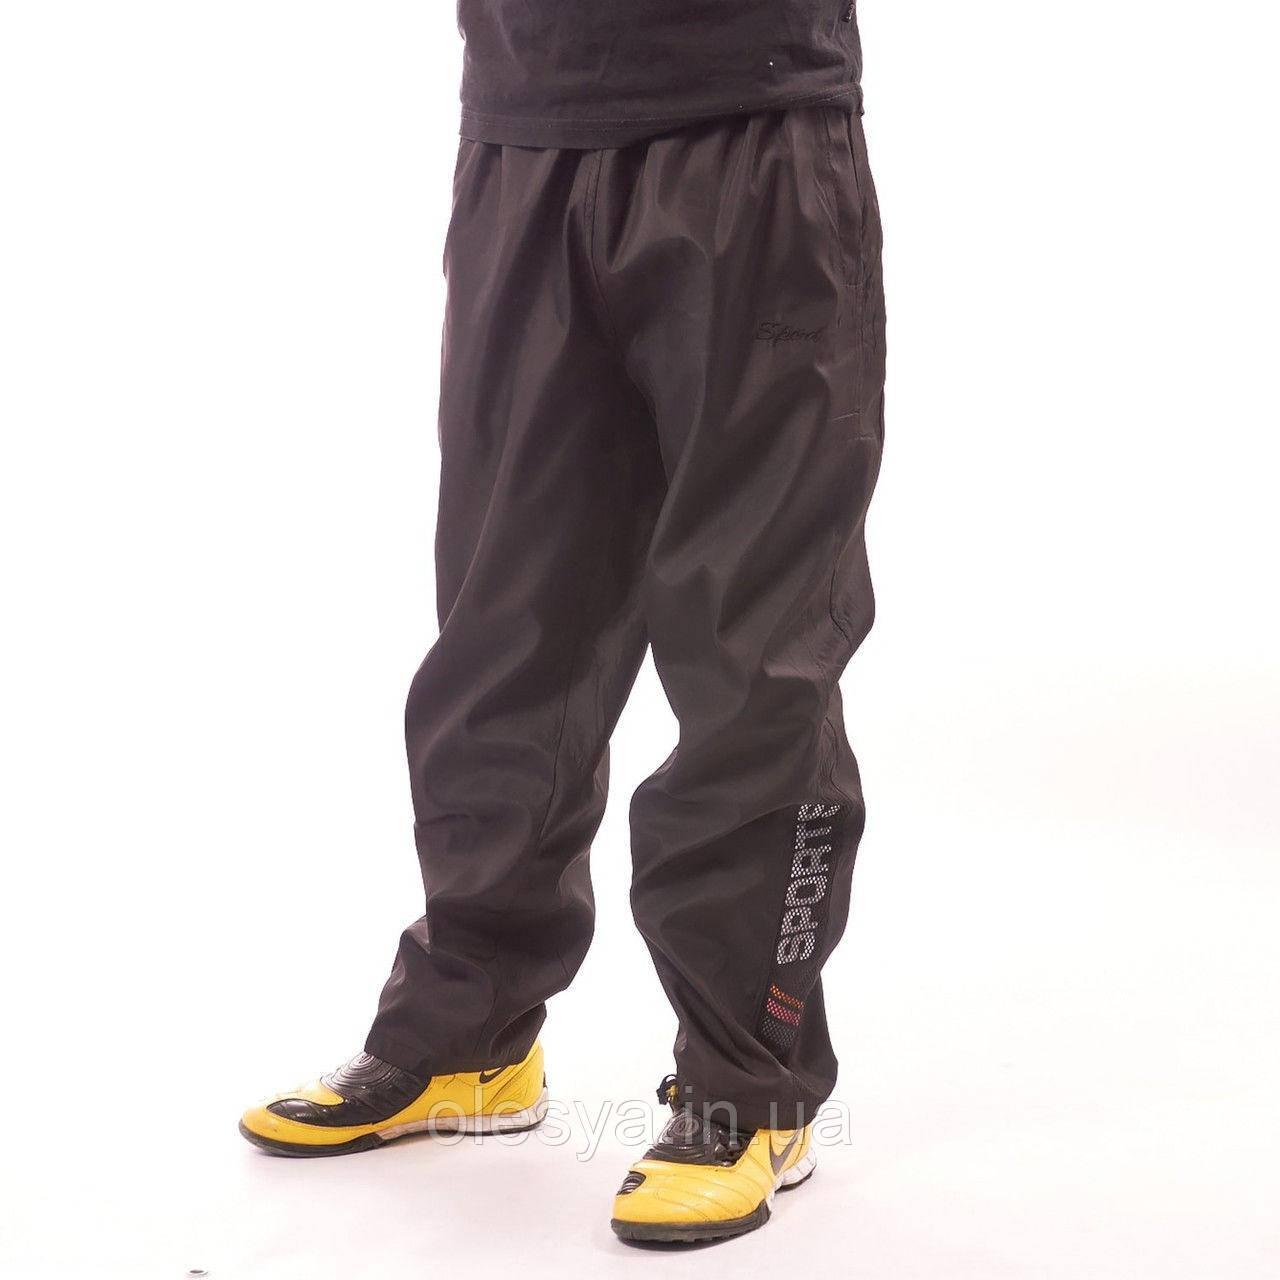 Детские спортивные штаны на мальчика черные 42-44 размер